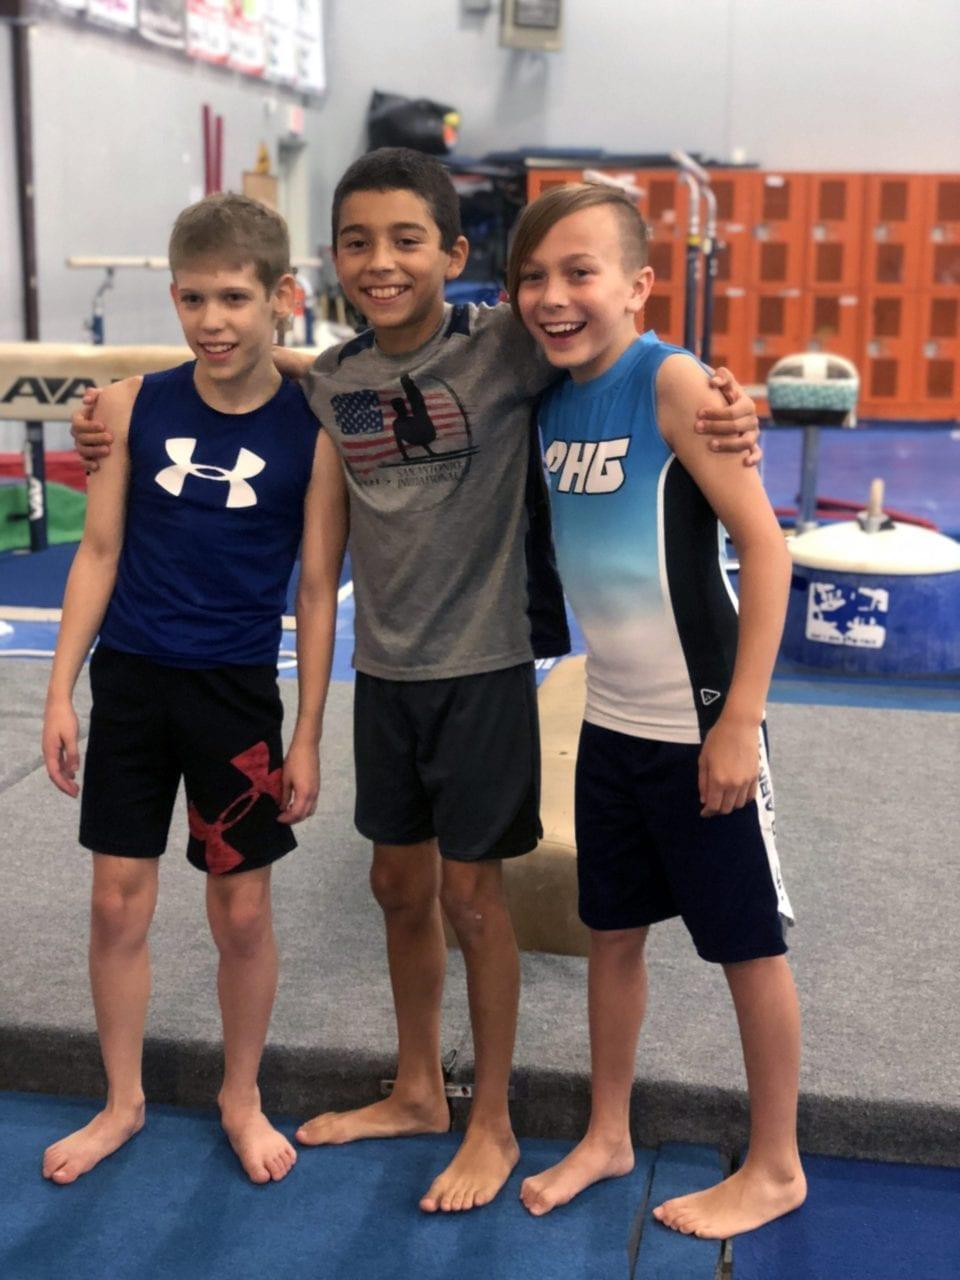 Mens Gymnastics Powerhouse Gymnastics Training Center